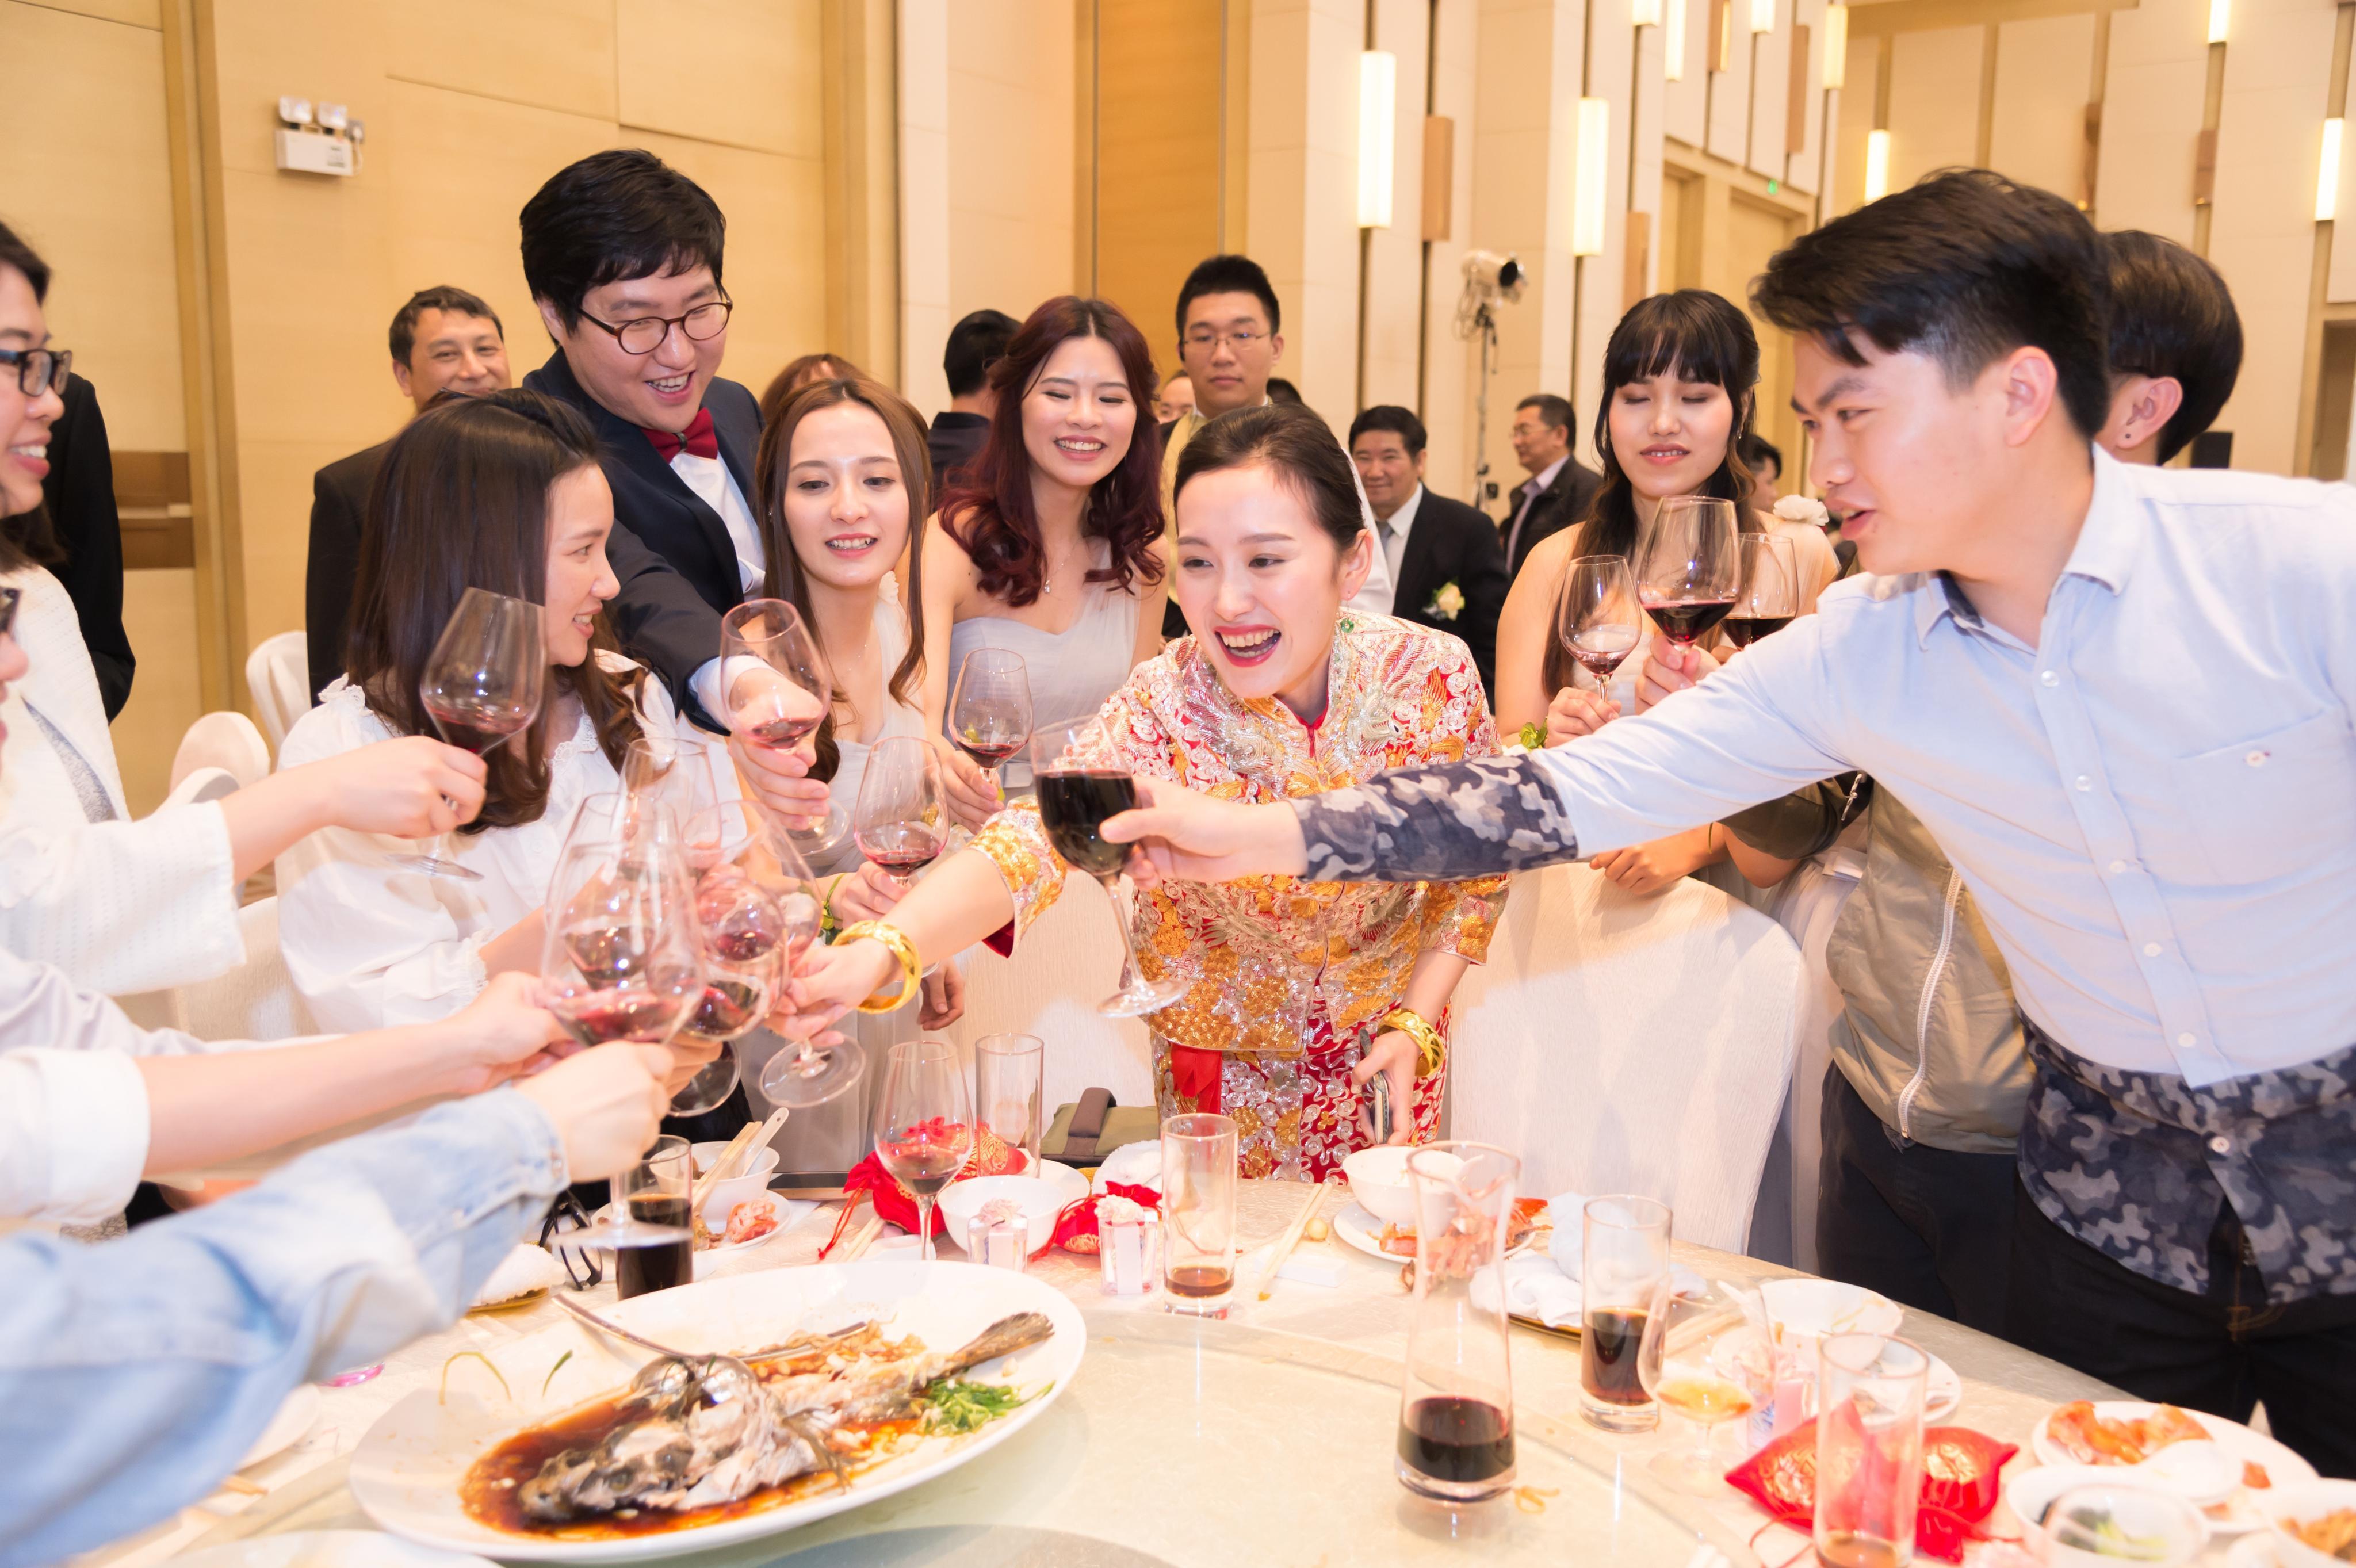 有创意的婚礼流程_有哪些好的婚礼上的环节创意? - 知乎